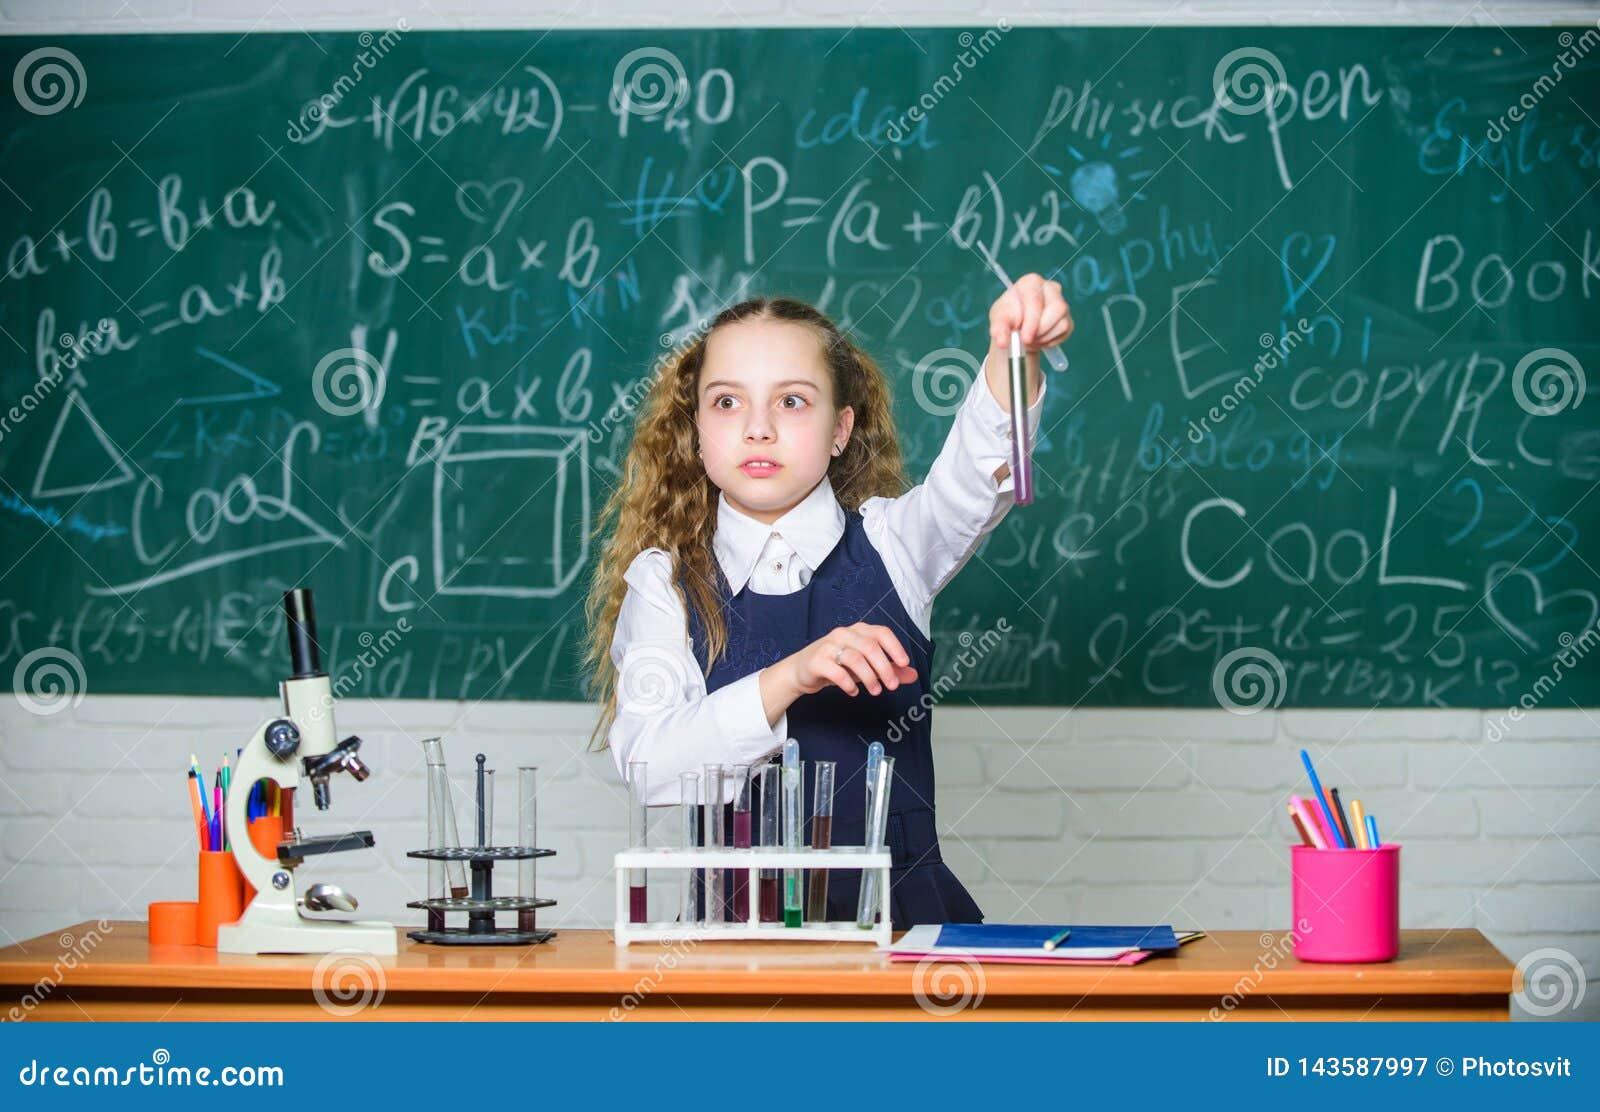 学校学生研究化工液体 学校化学教训 有物质的试管 正规教育 远期